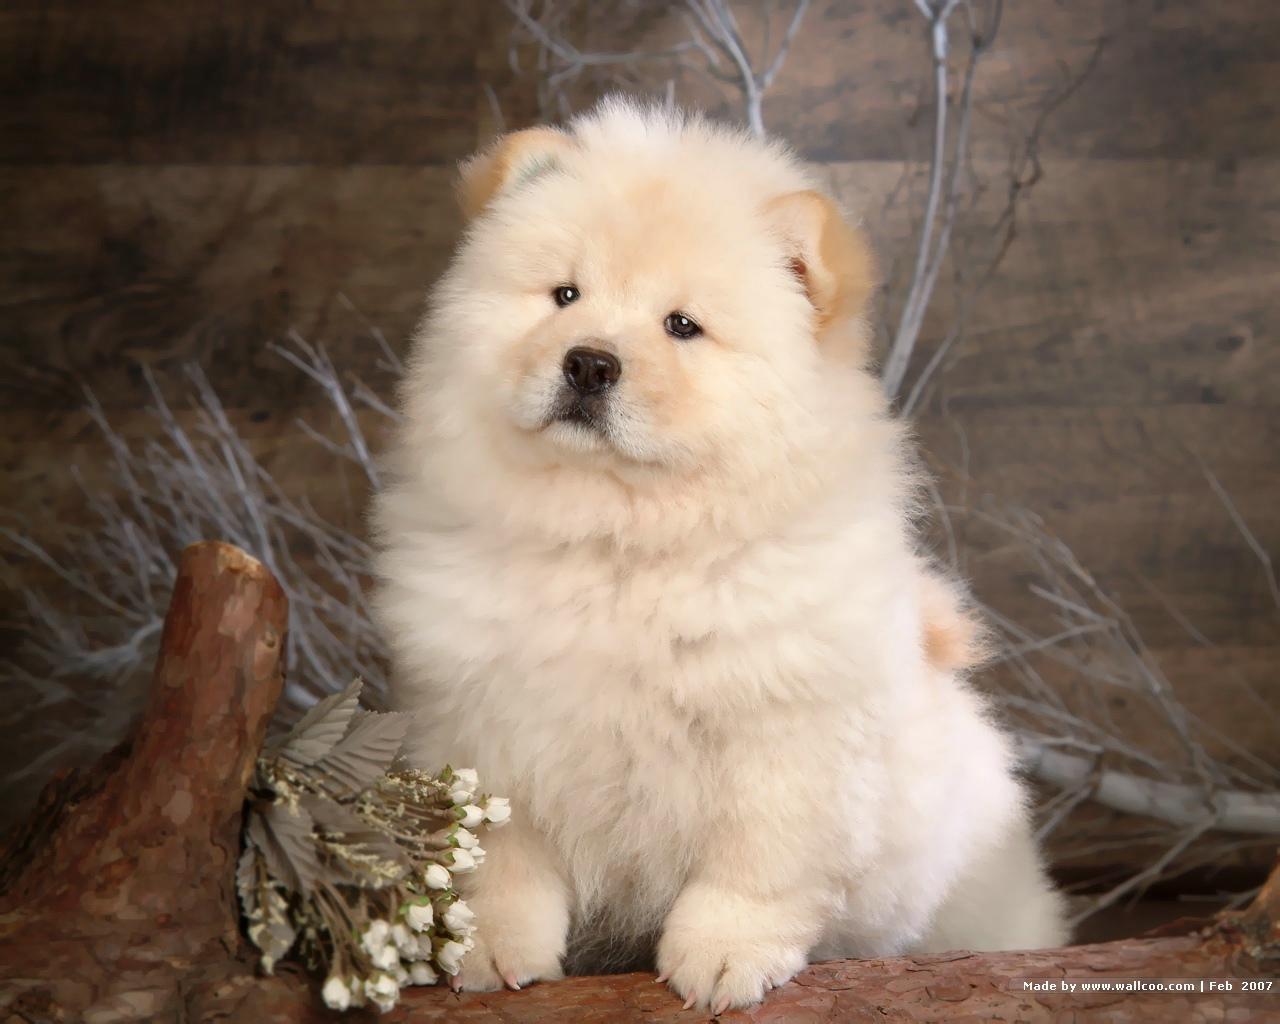 Chú chó chow chow lông trắng chụp ảnh nghệ thuật